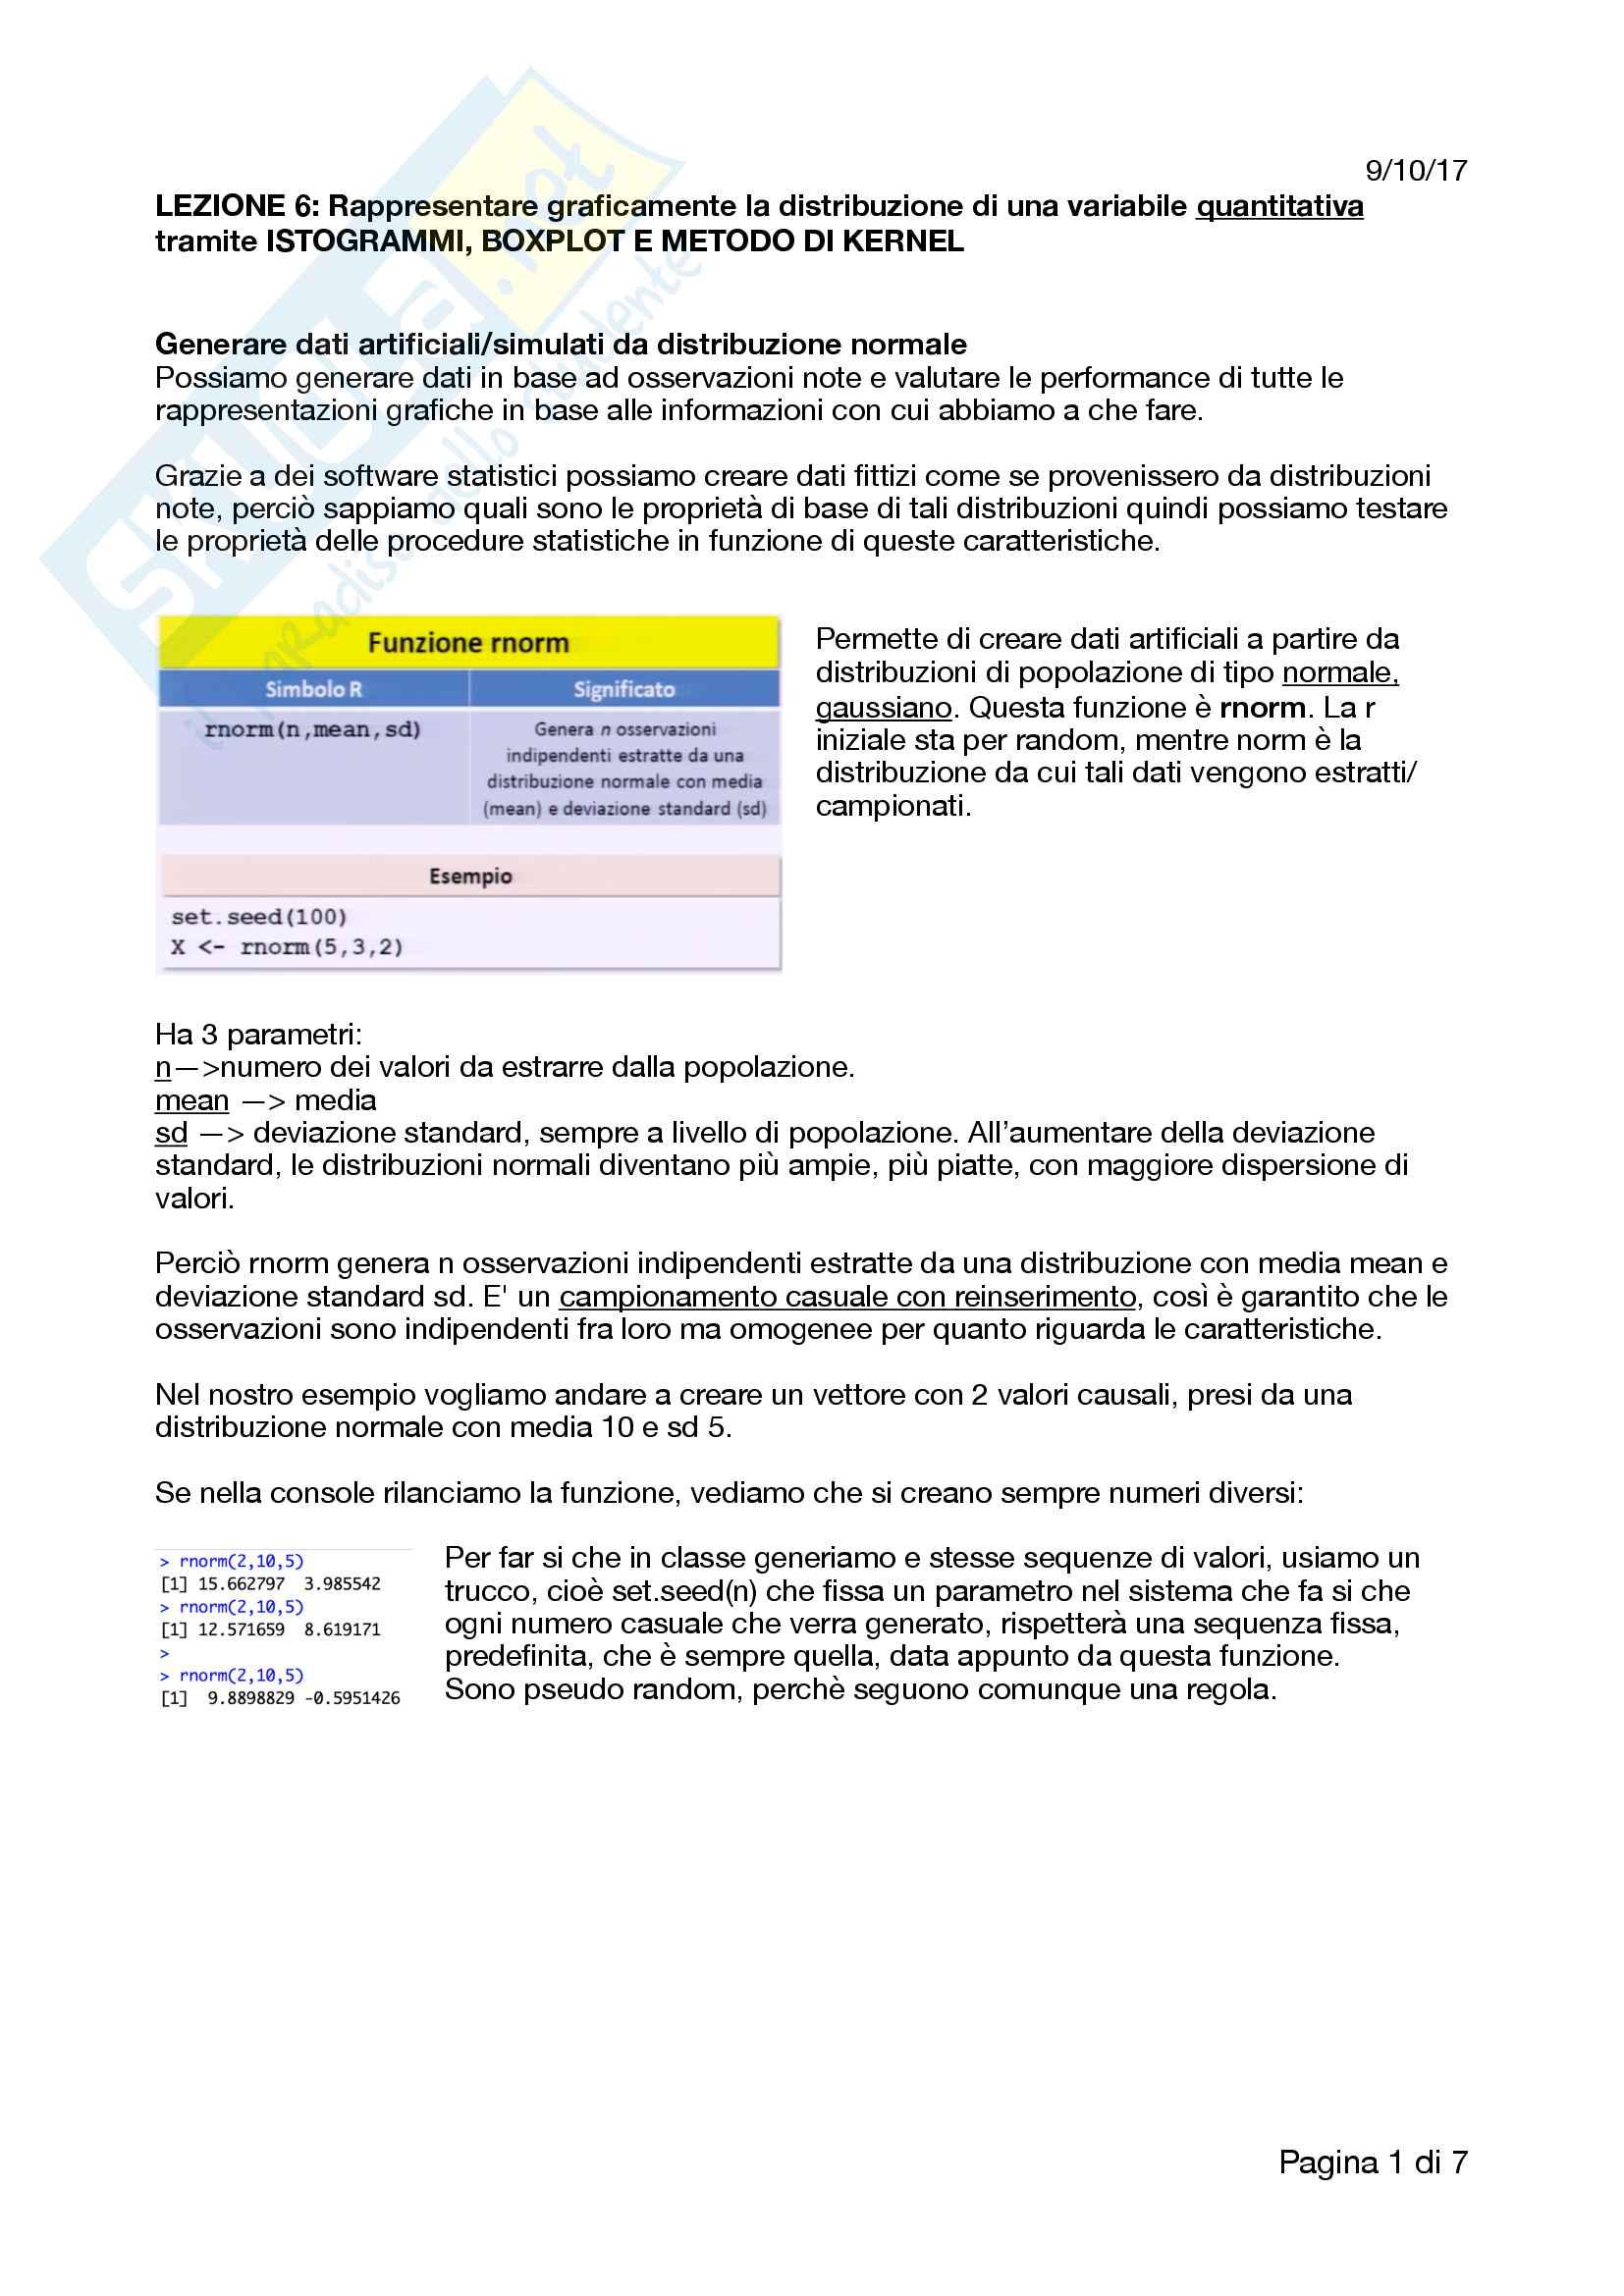 Appunti completi e ottimi di analisi dei dati, R, RStudio e correlati con esempi e esercizi Pag. 21